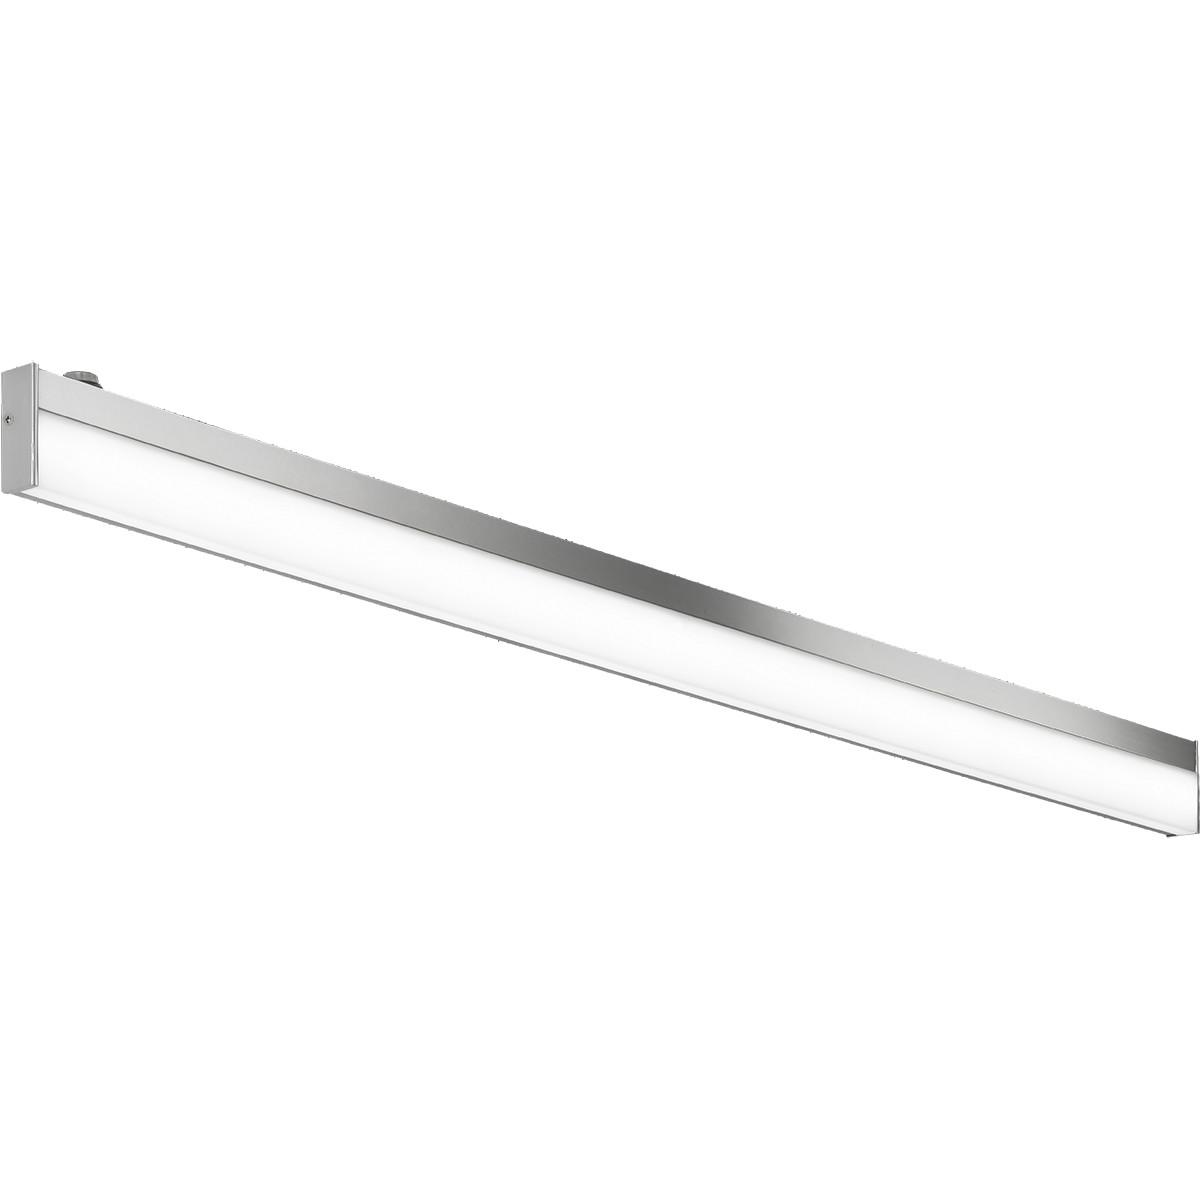 OSRAM - LED Spiegelverlichting - Trion Nalina - 12W - Spatwaterdicht IP44 - Warm Wit 3000K - Glans C